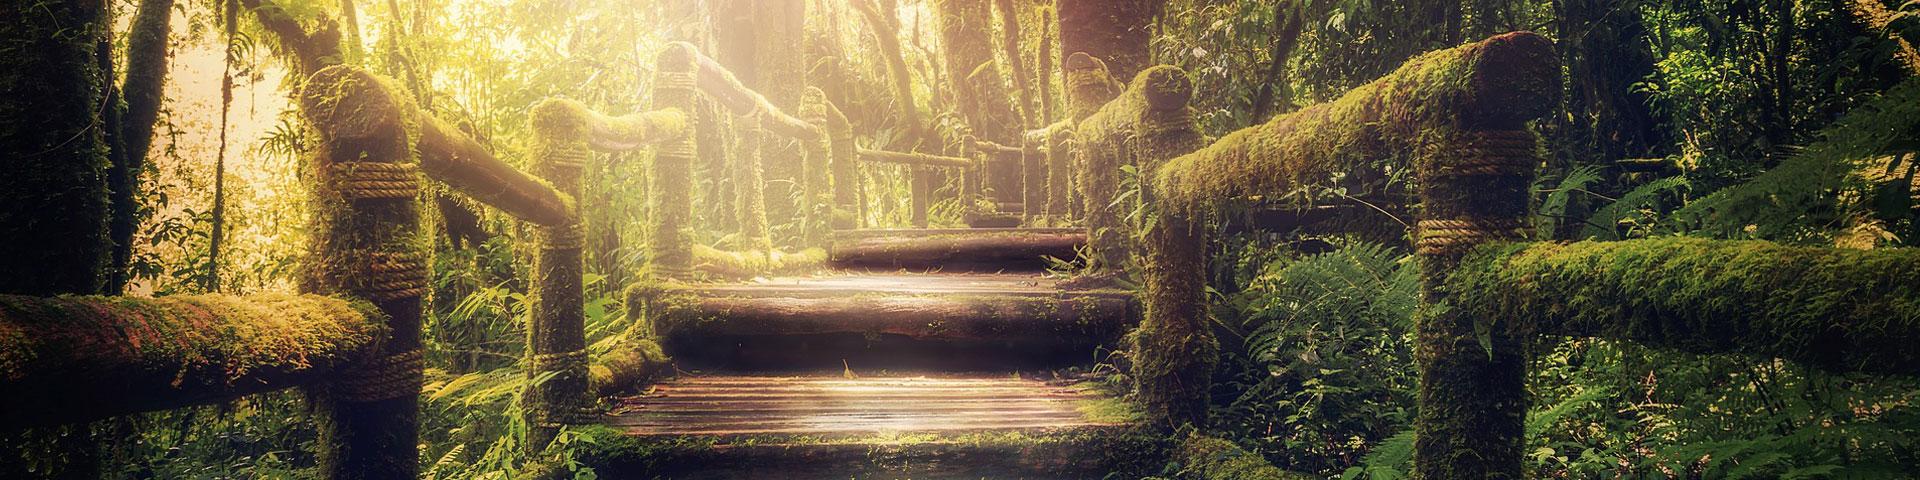 Perdere-la-vista-nel-bosco-per-tornare-a-vedere-WildWisdom_Blog